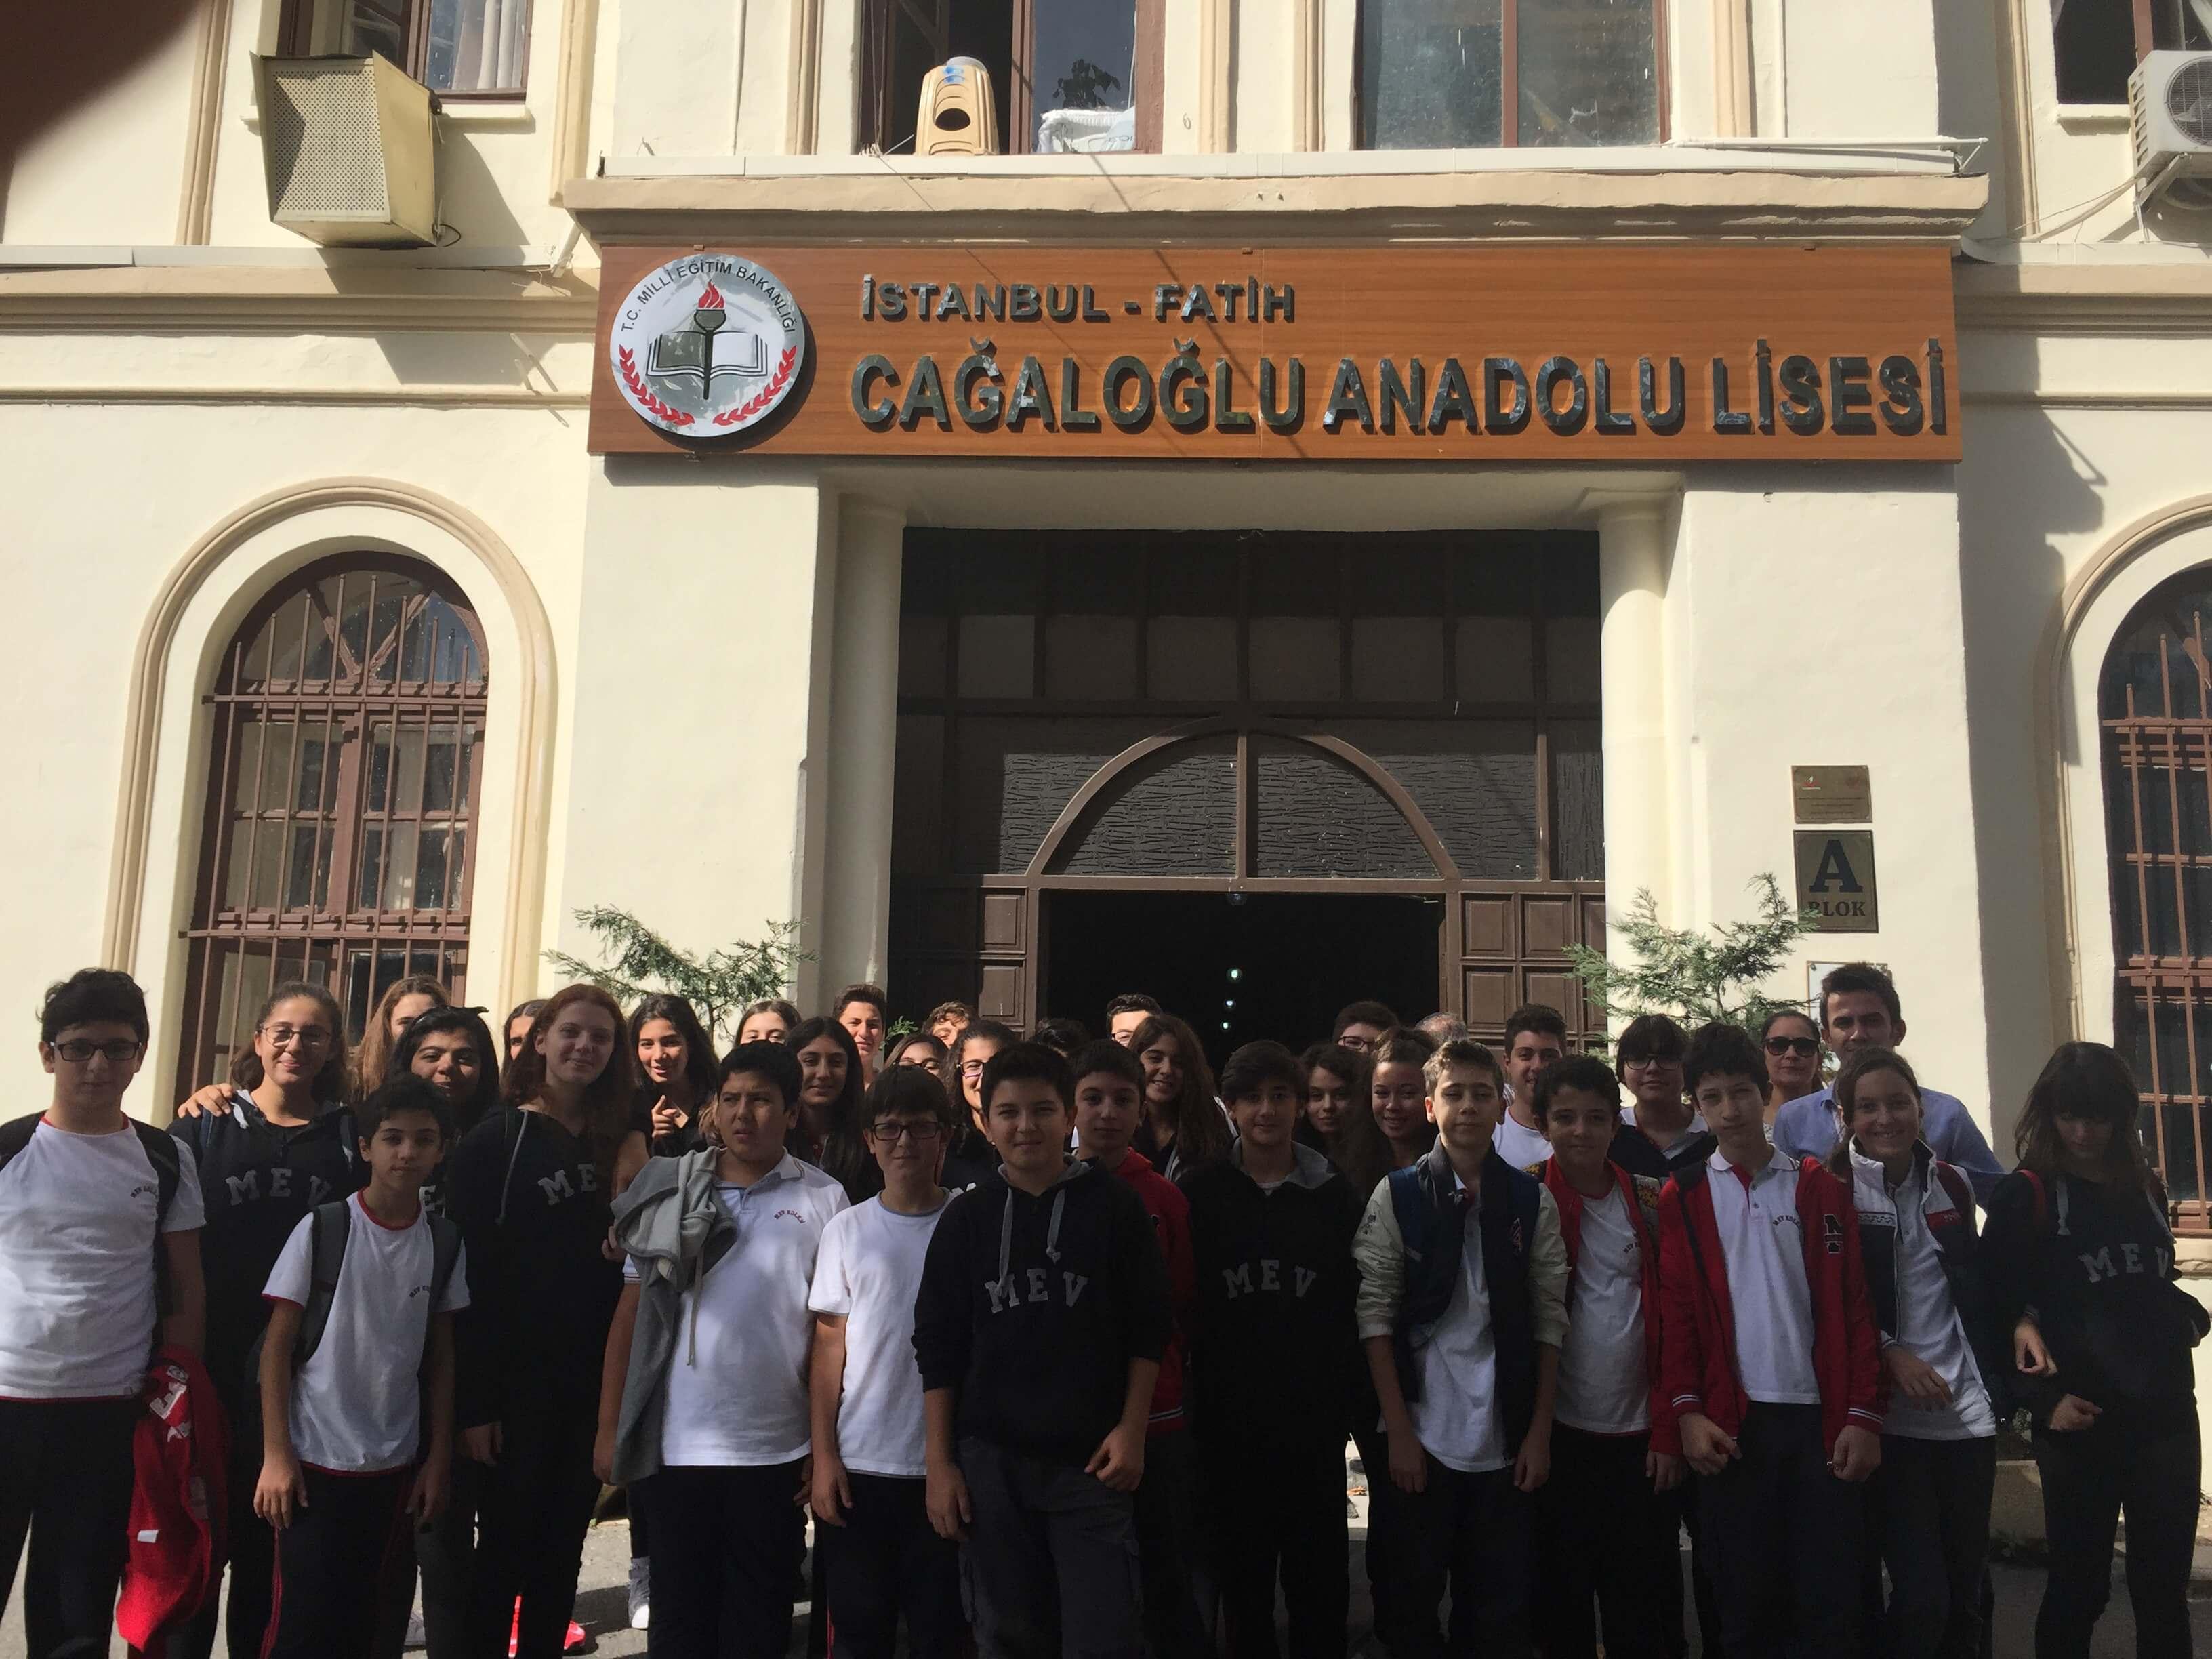 8. Sınıf Öğrencilerimize Yönelik Cağaloğlu Anadolu Lisesine Gezi Düzenlendi